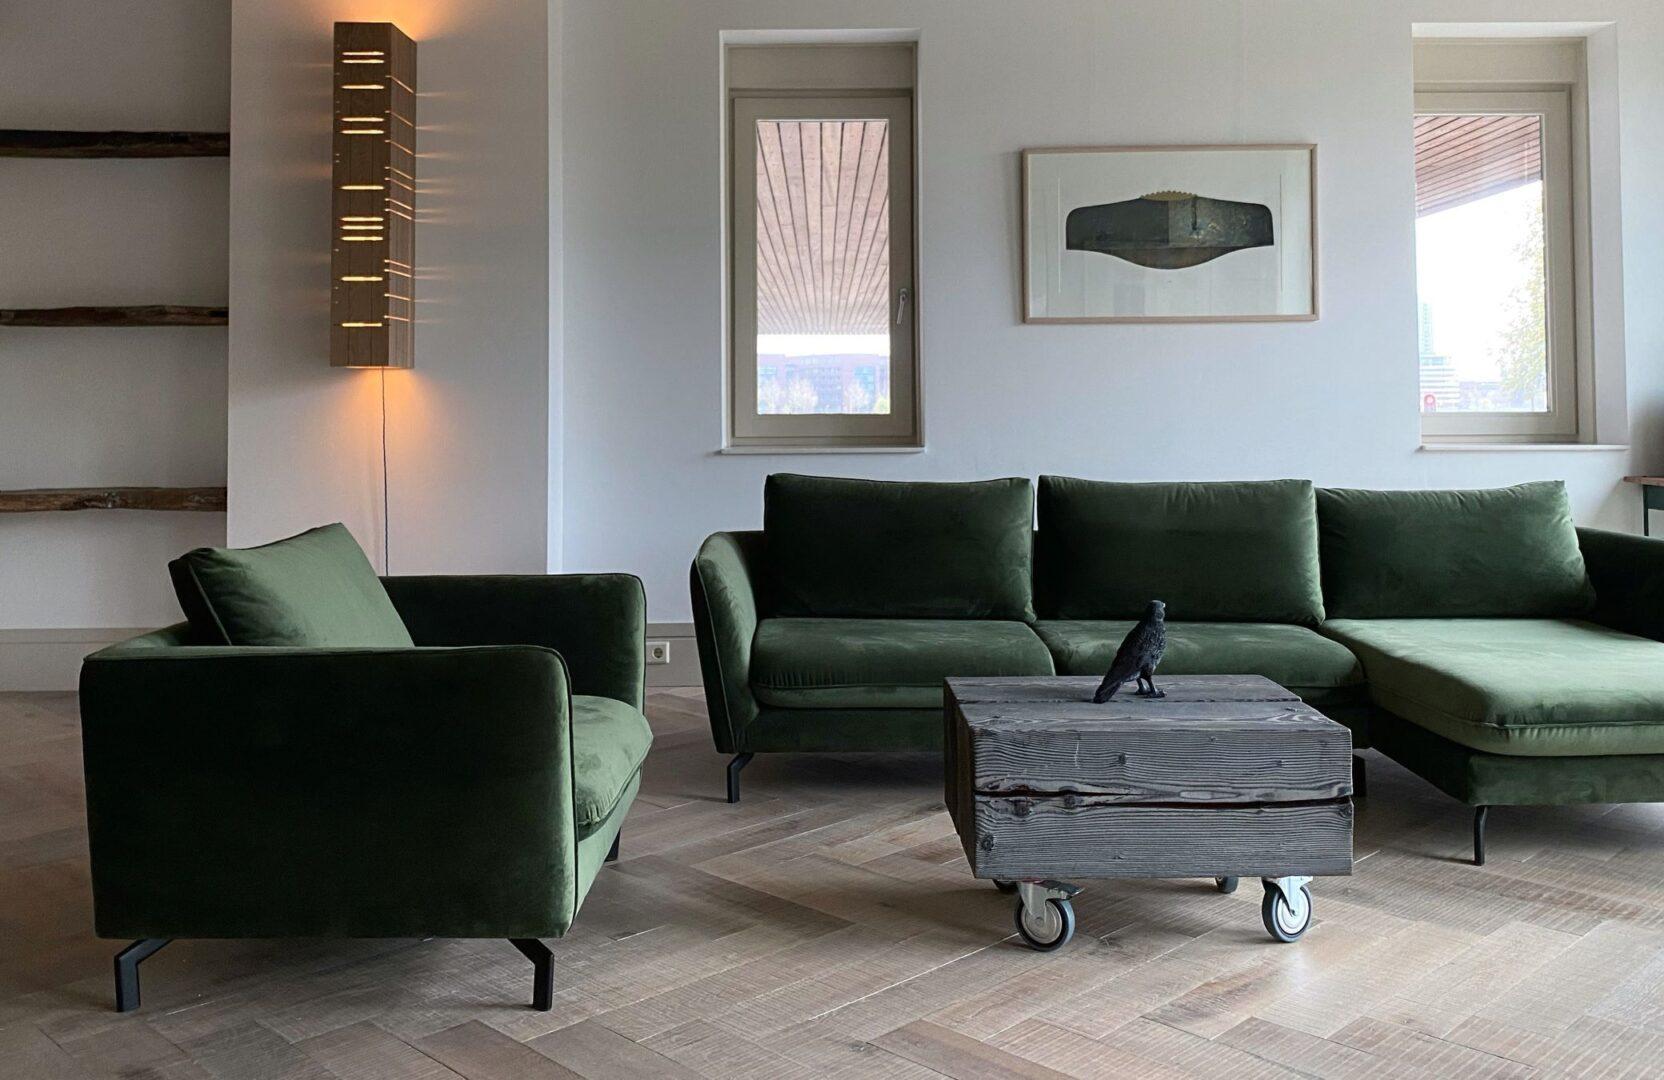 Tate bute herringbone floor with green sofa 3a